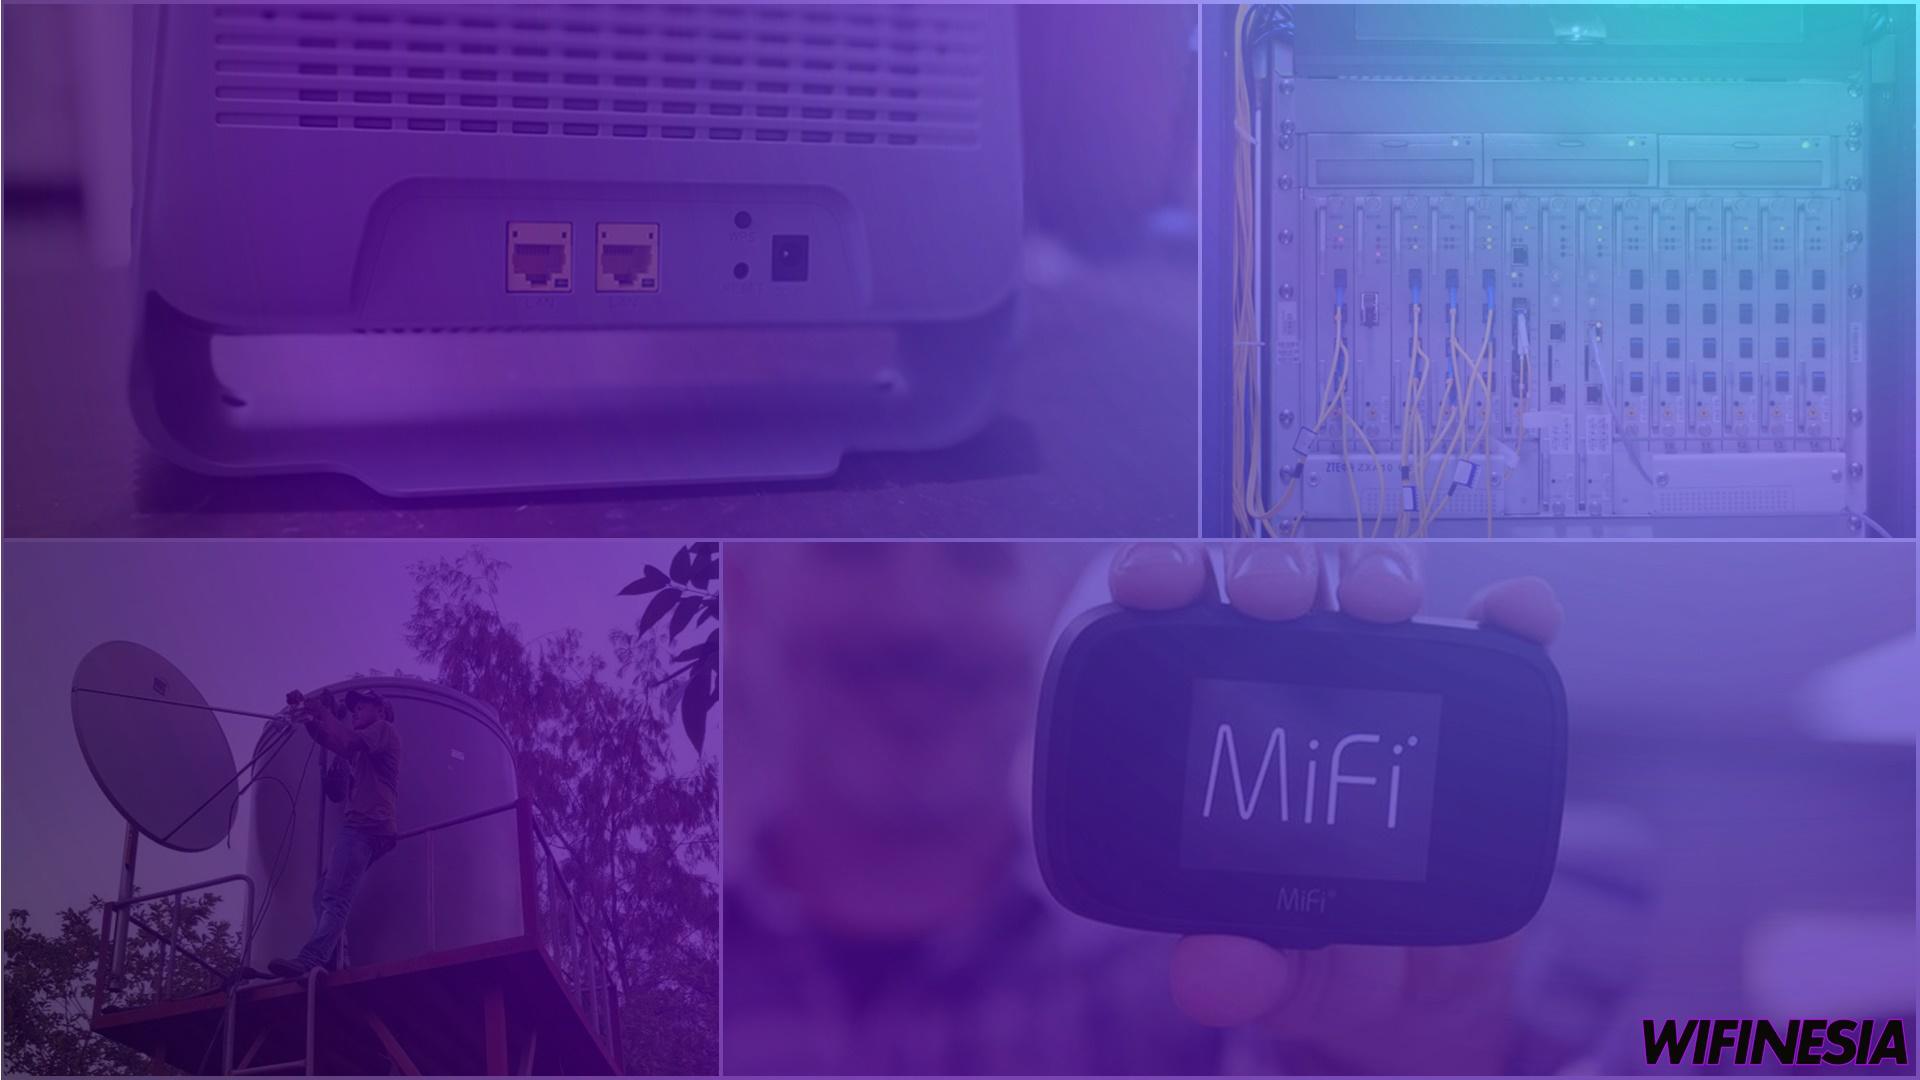 Jenis-Jenis Layanan Internet WiFi Untuk Di Rumah